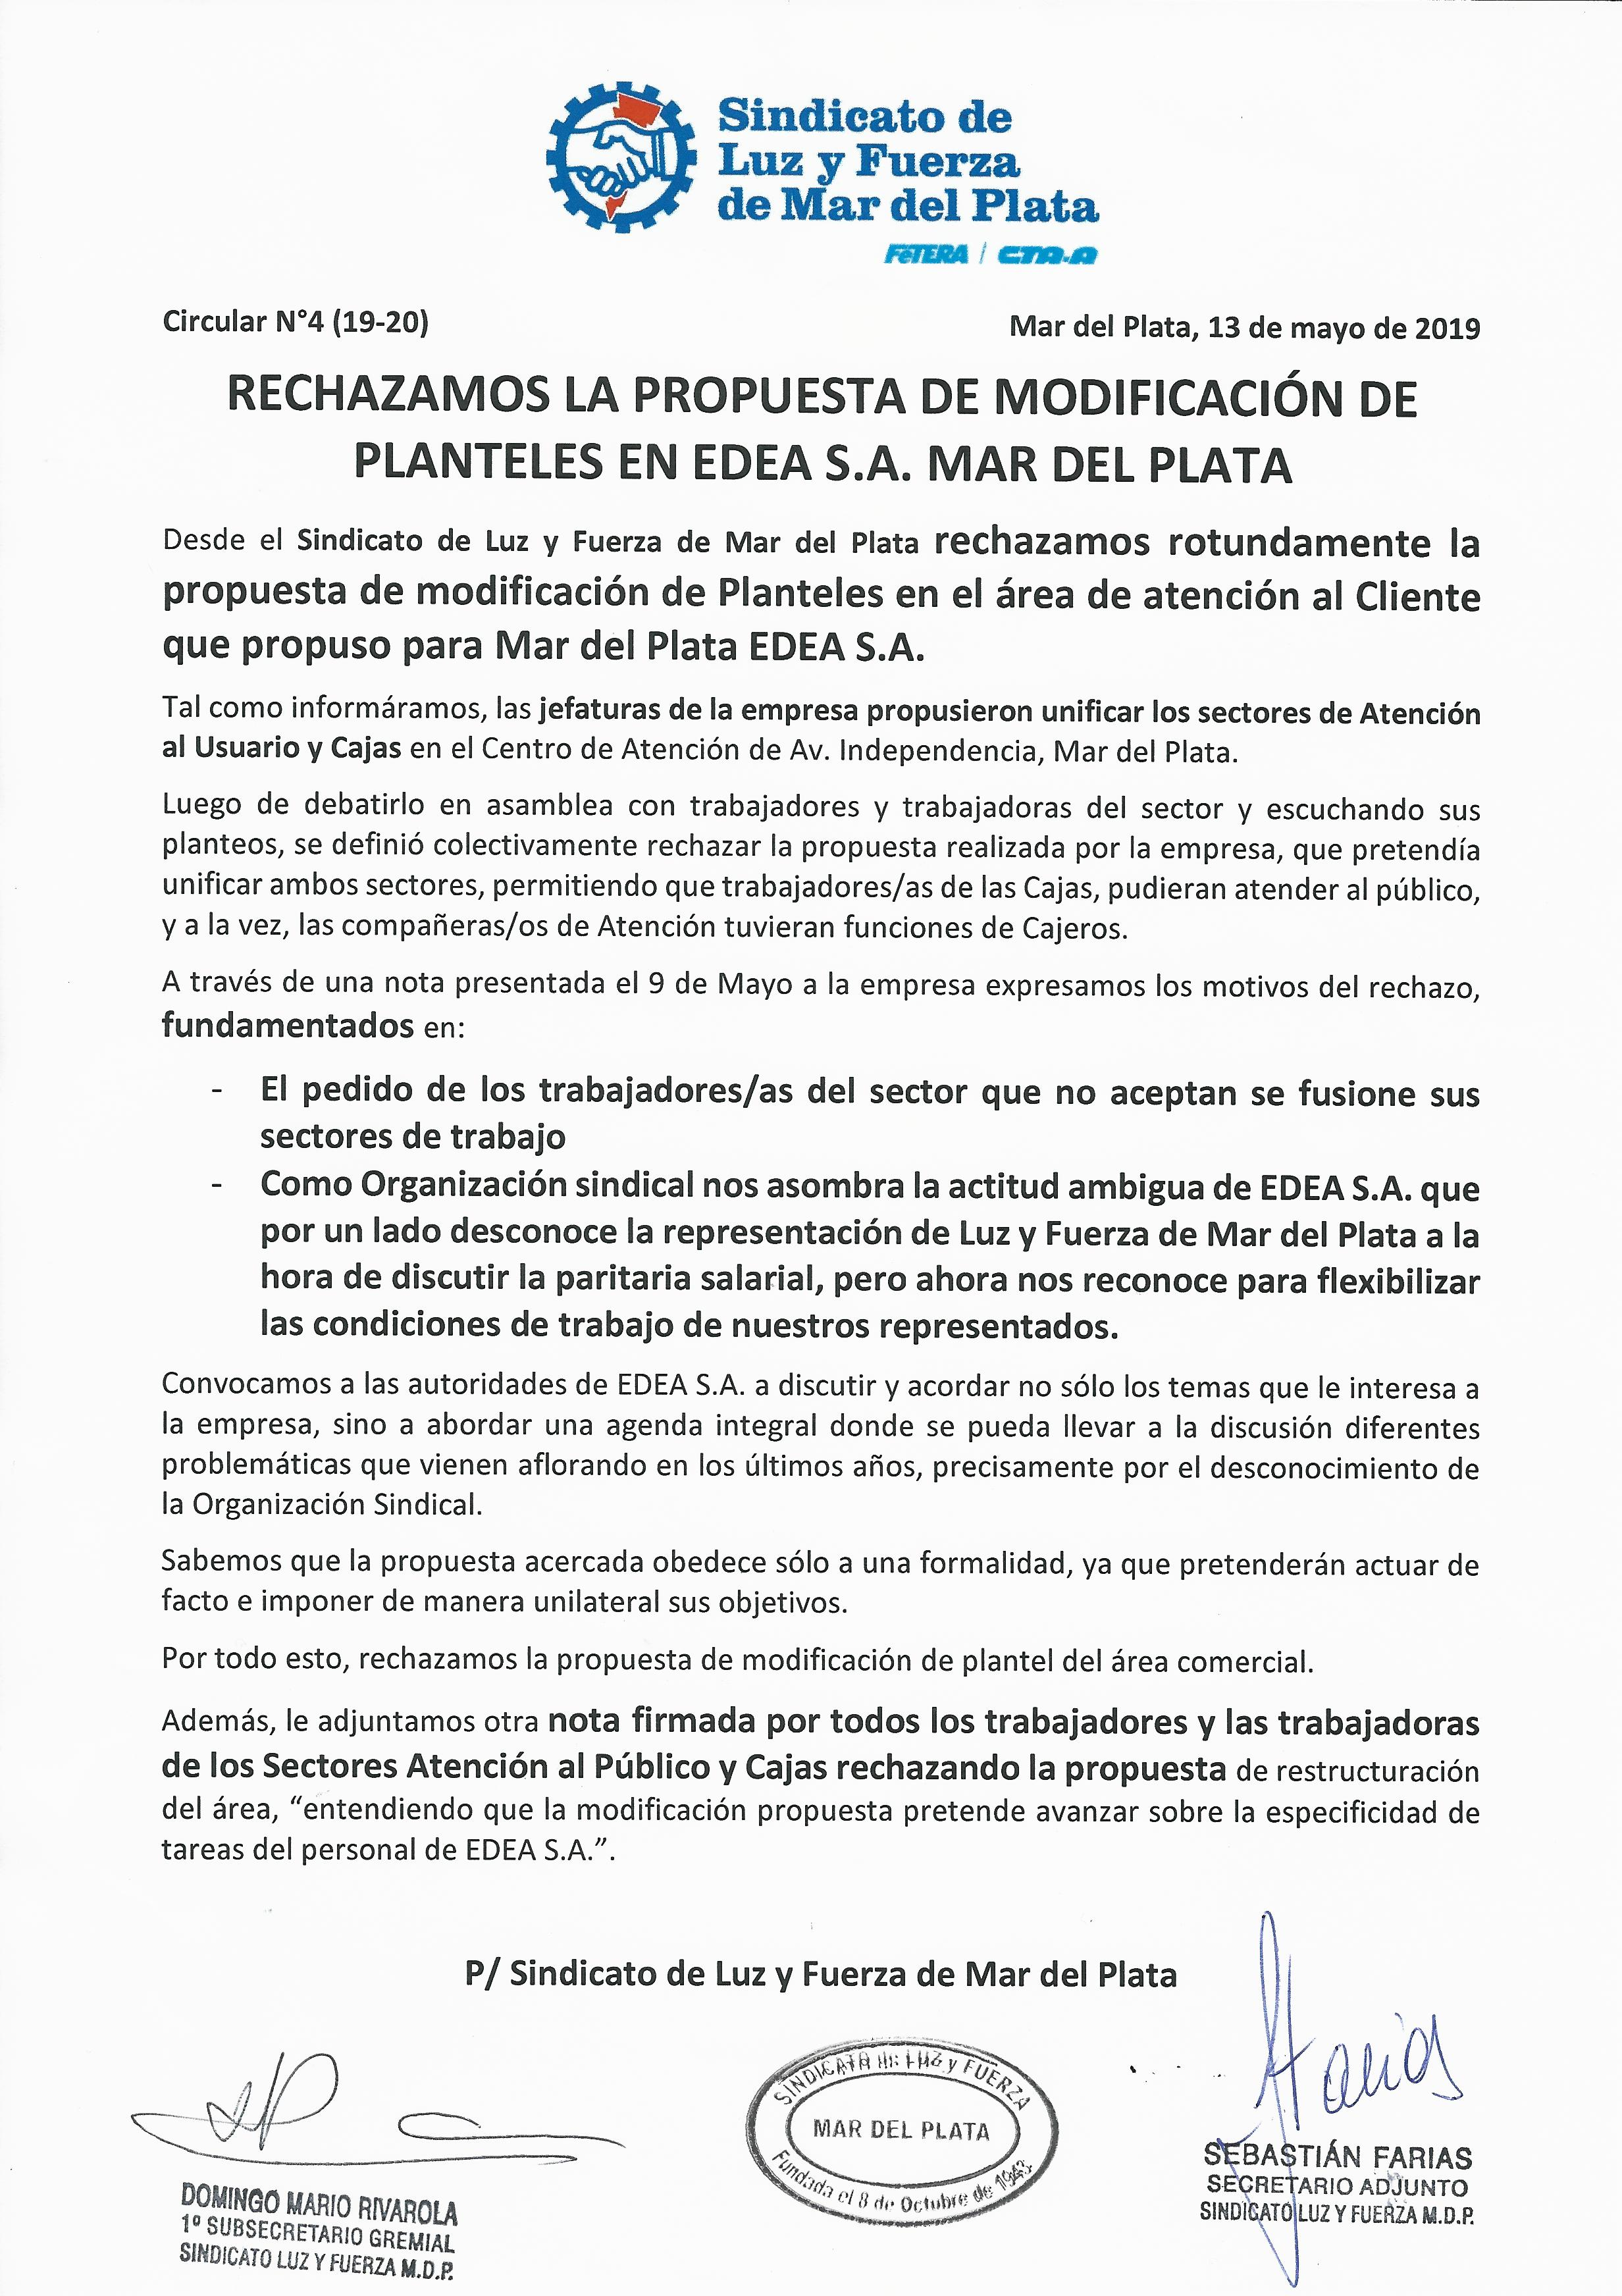 RECHAZAMOS LA PROPUESTA DE MODIFICACIÓN DE PLANTELES EN EDEA S.A. MAR DEL PLATA